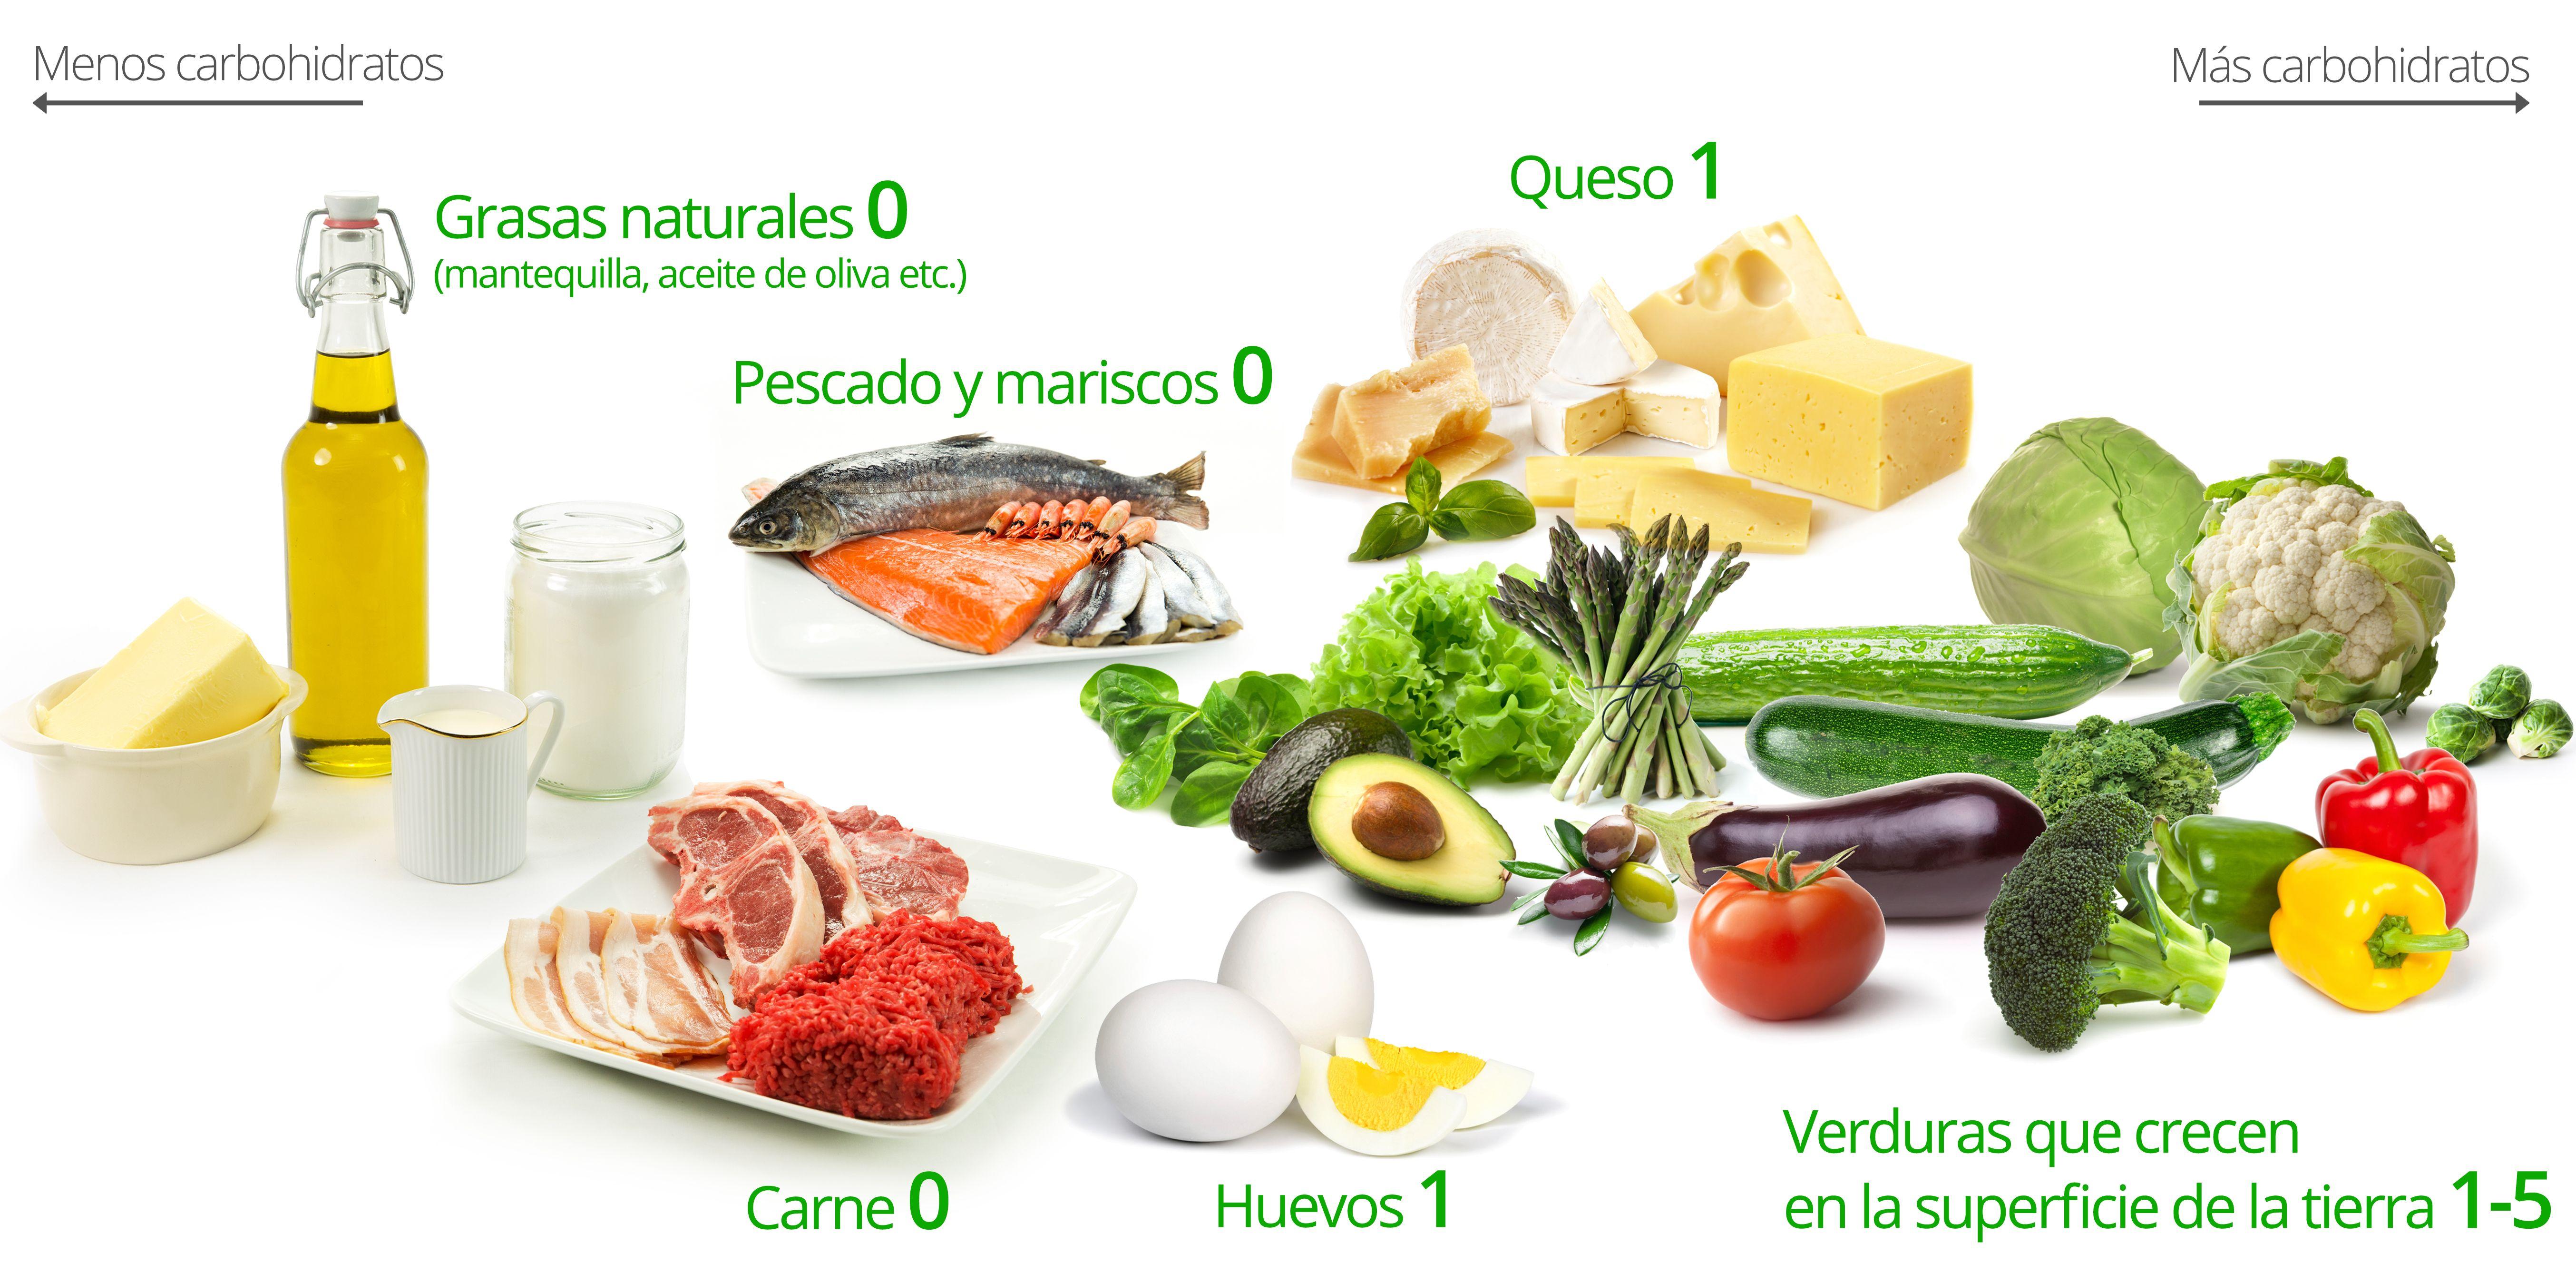 aceite de pescado en ketogenic diet